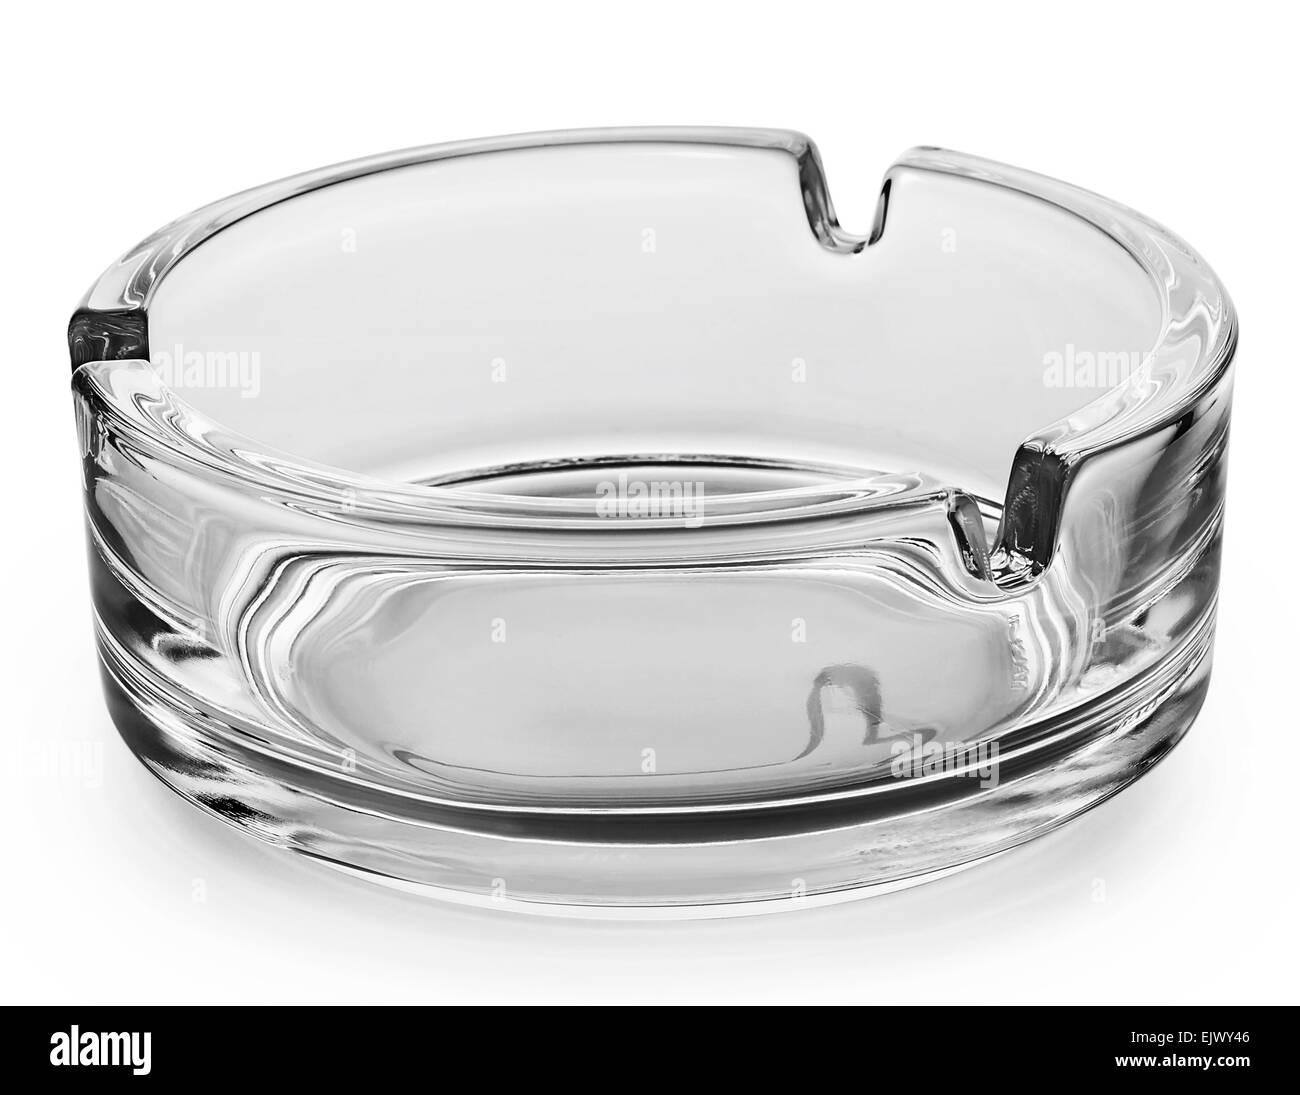 Round glass ashtray isolated on white background - Stock Image